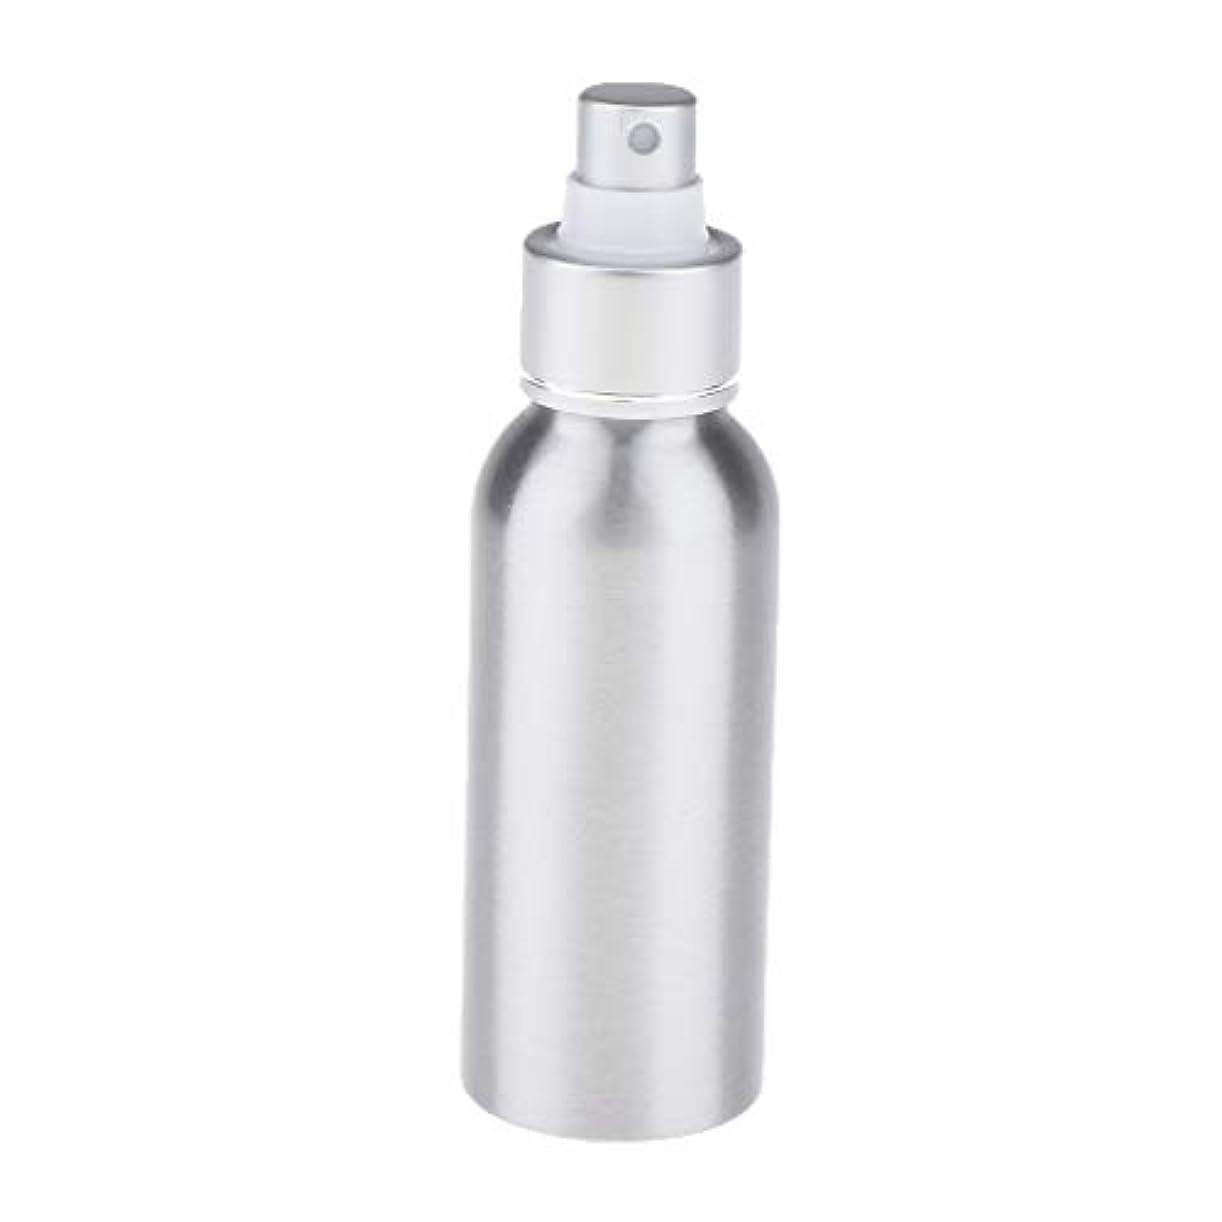 スコットランド人毎回乞食CUTICATE ポンプボトル アトマイザー トラベルボトル スプレー 漏れ防止 遮光 霧吹き 旅行用 5サイズ選べ - 100ミリリットル